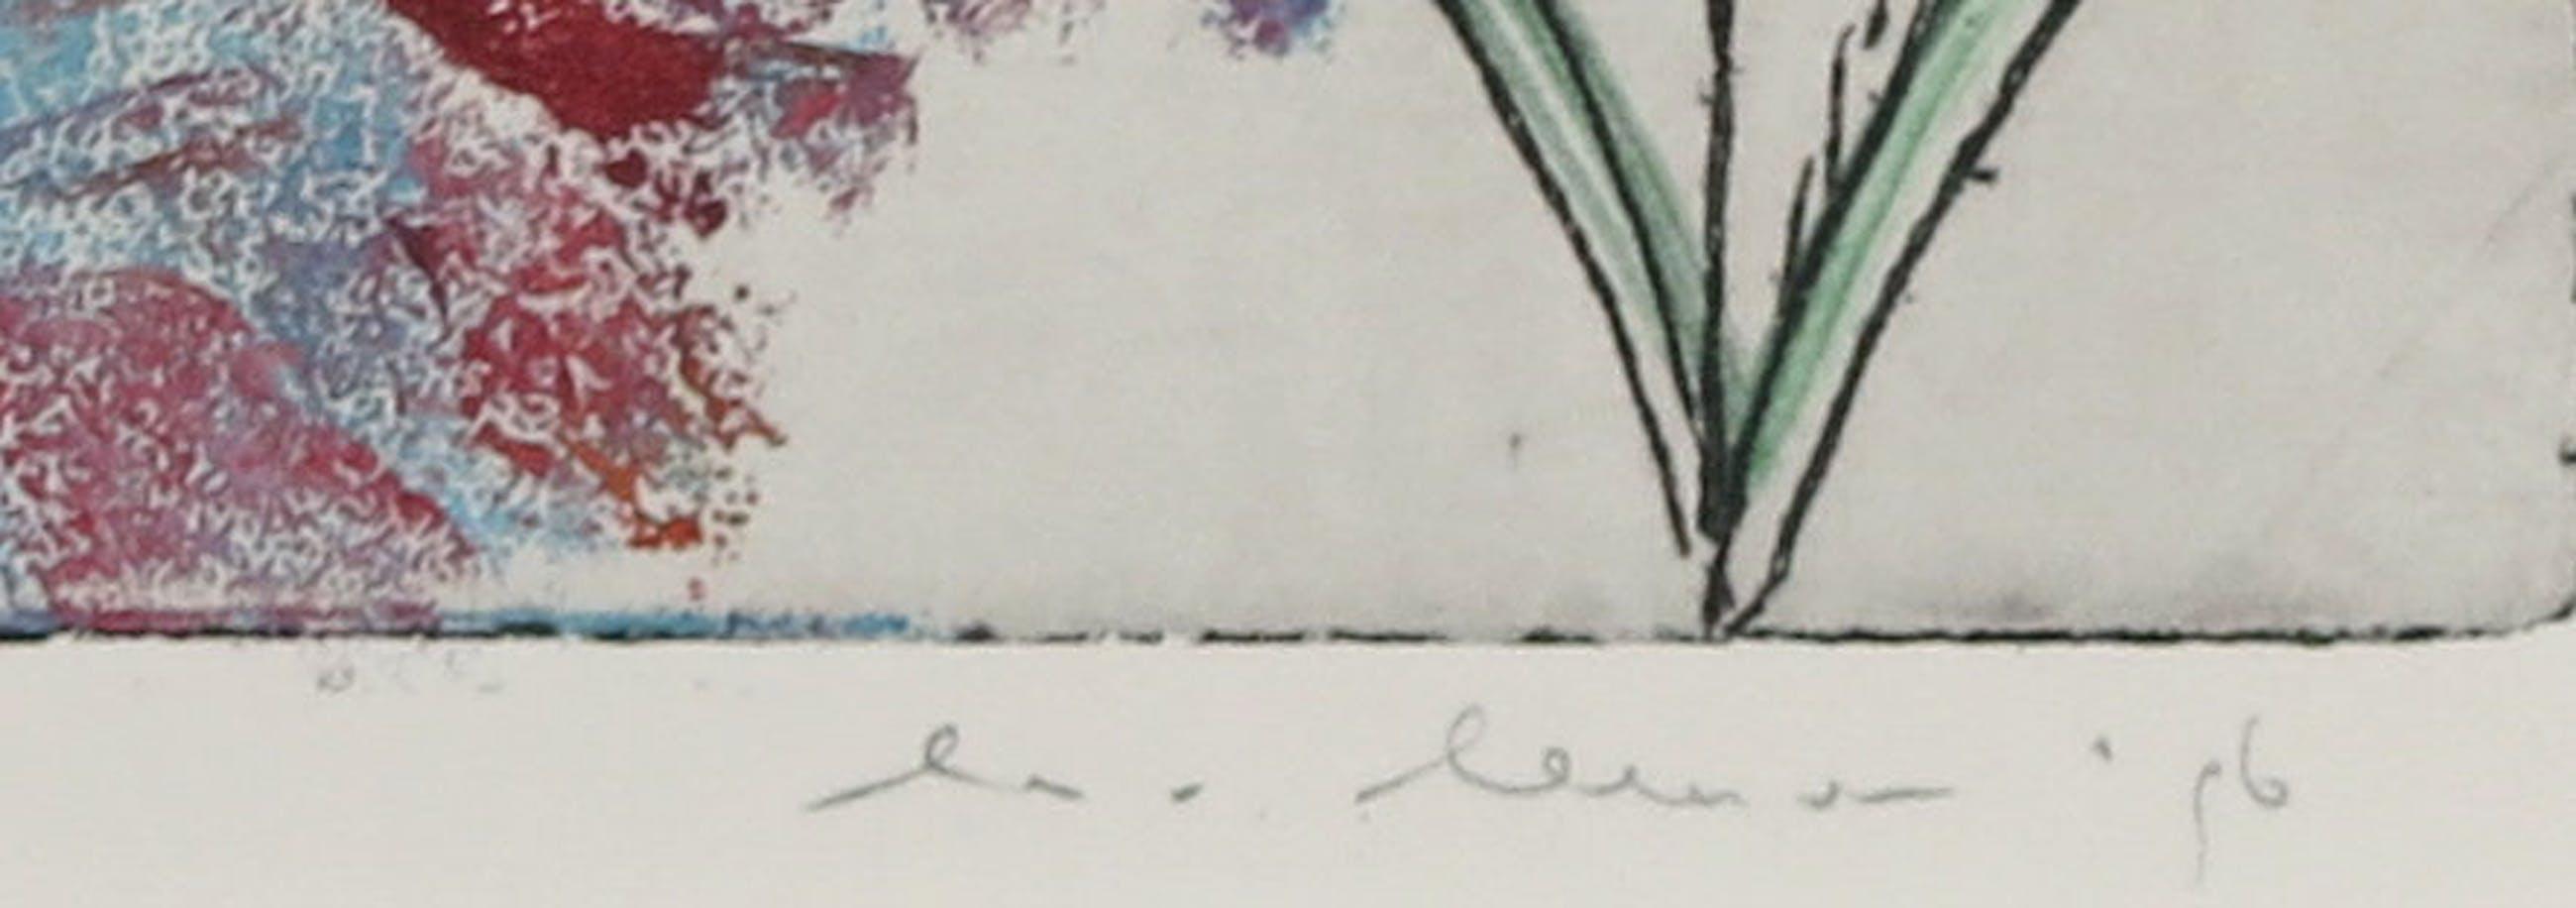 Lia van Leeuwen - Kleurenets, Ode aan de lupinus kopen? Bied vanaf 10!